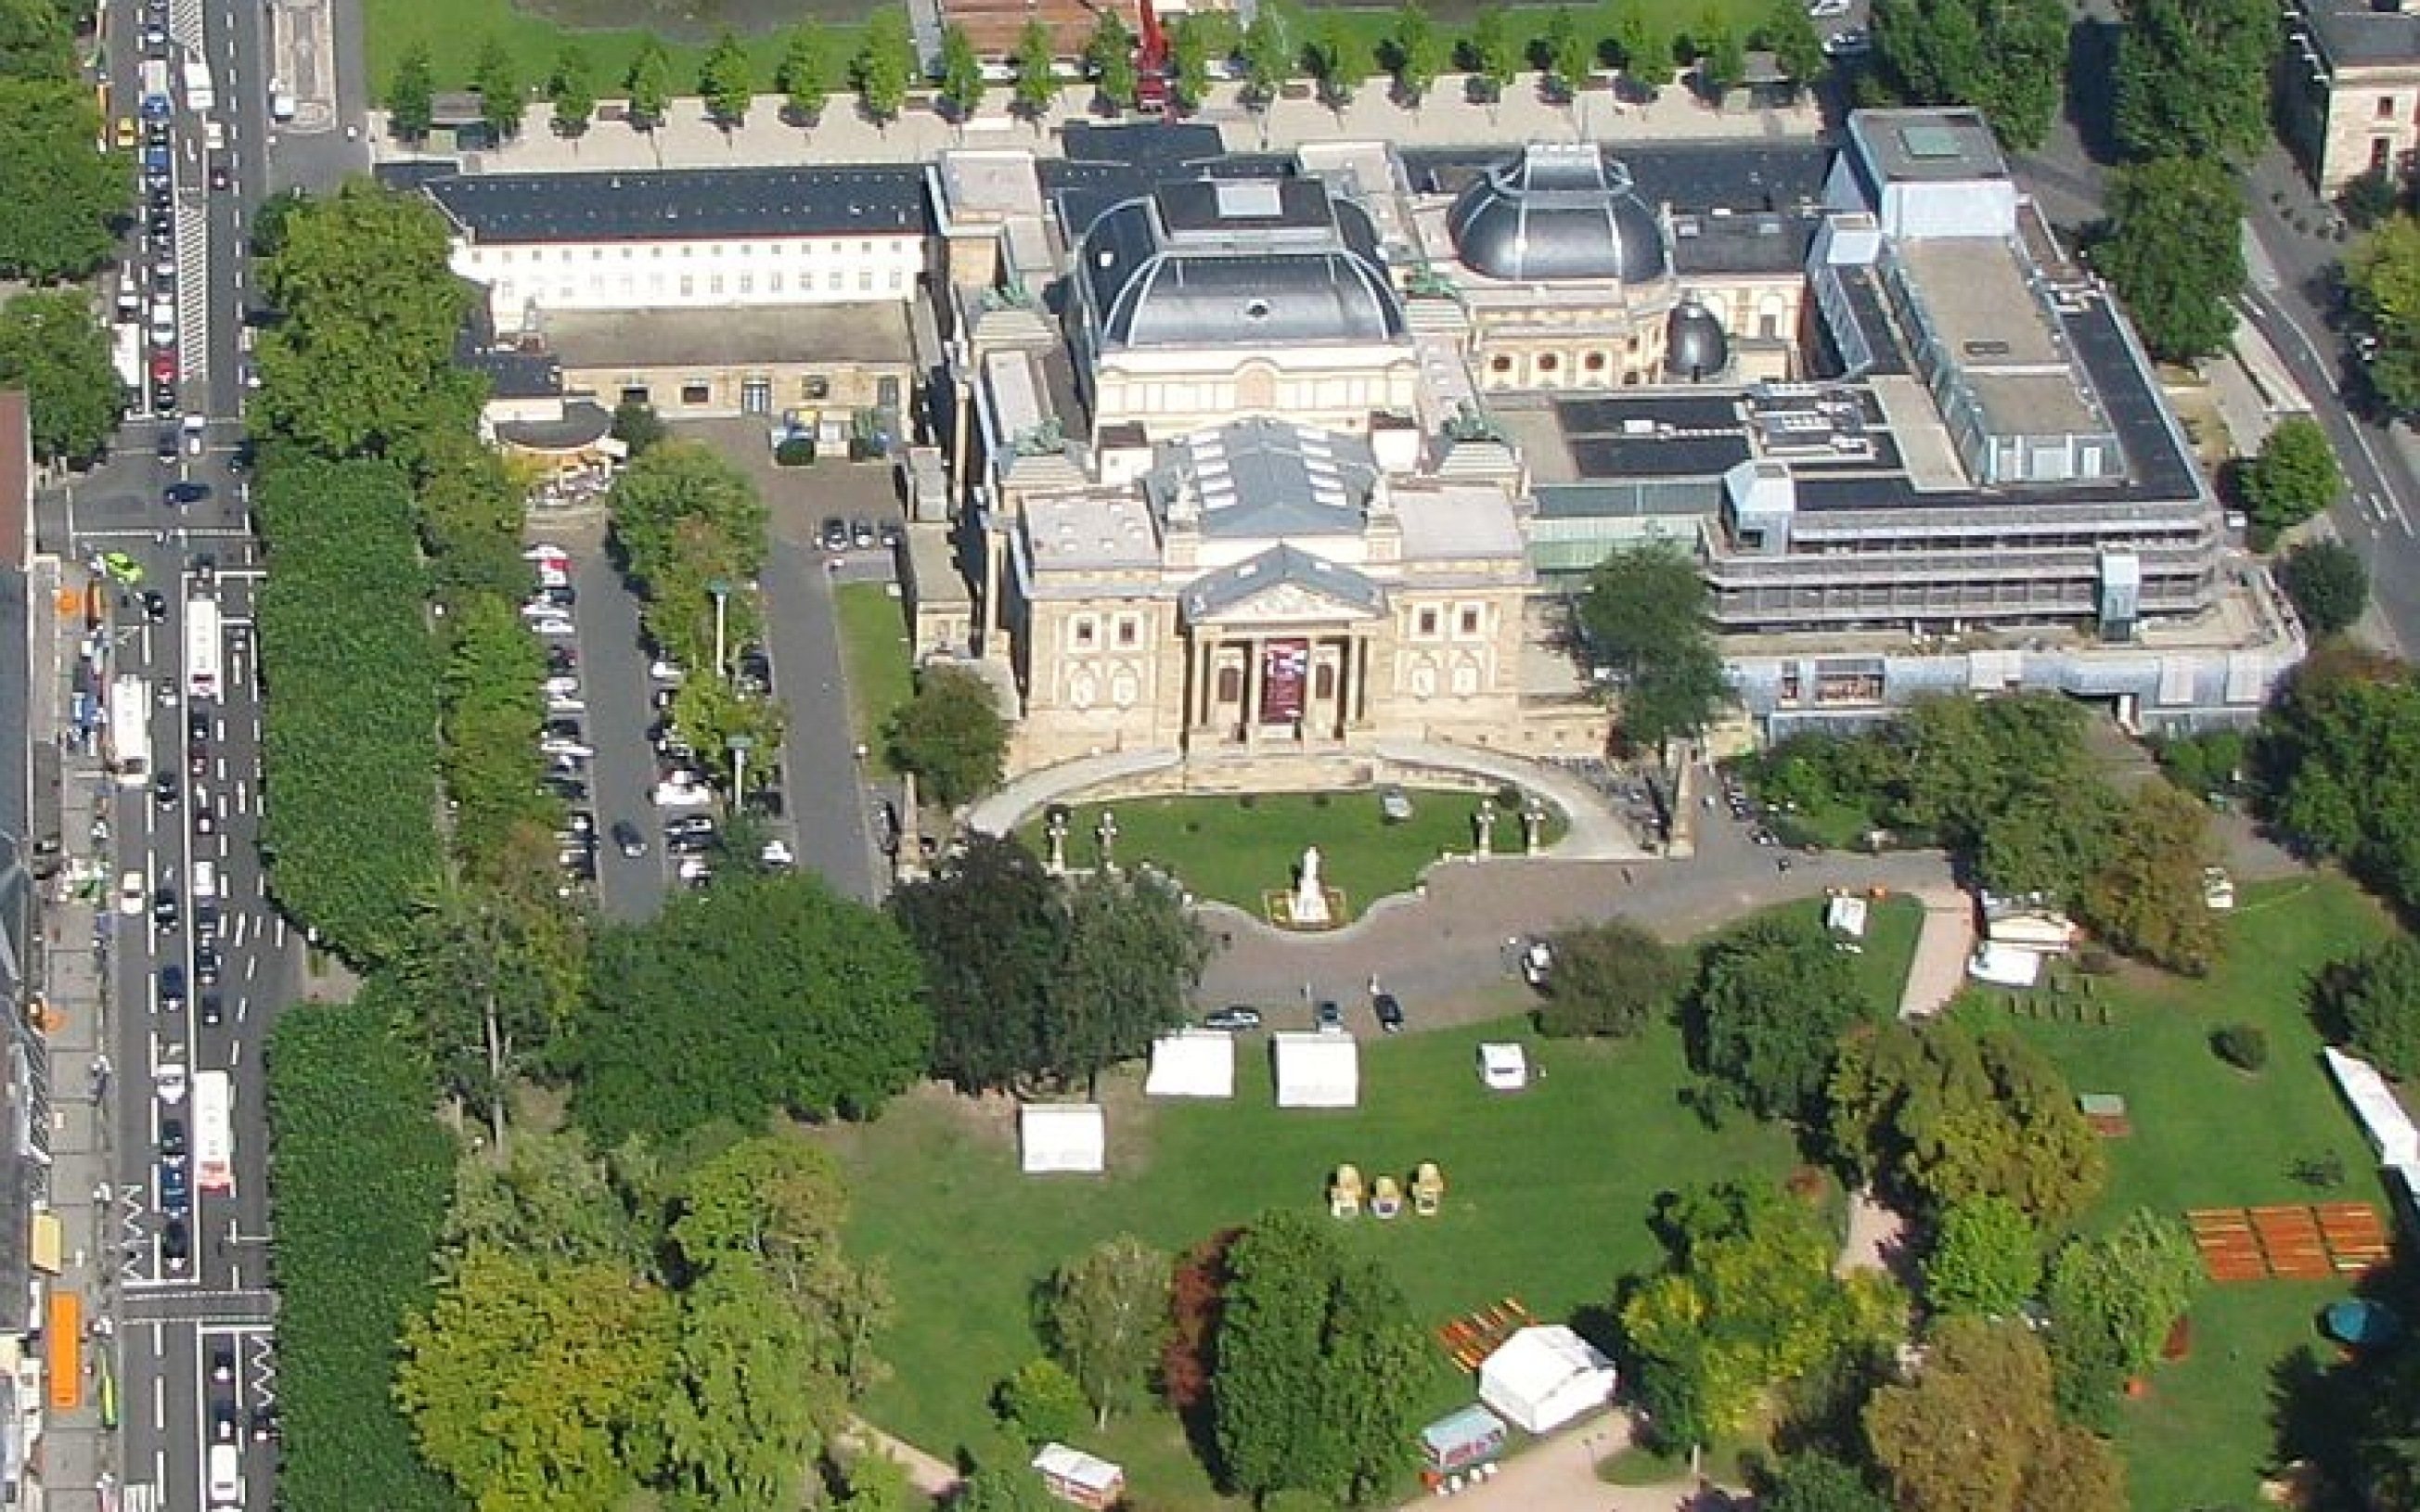 Luftbild Wiesbaden Hessisches Staatstheater an der Wilhelmstraße Schillerdenkmal Park am Warmen Damm Foto 2008 Wolf